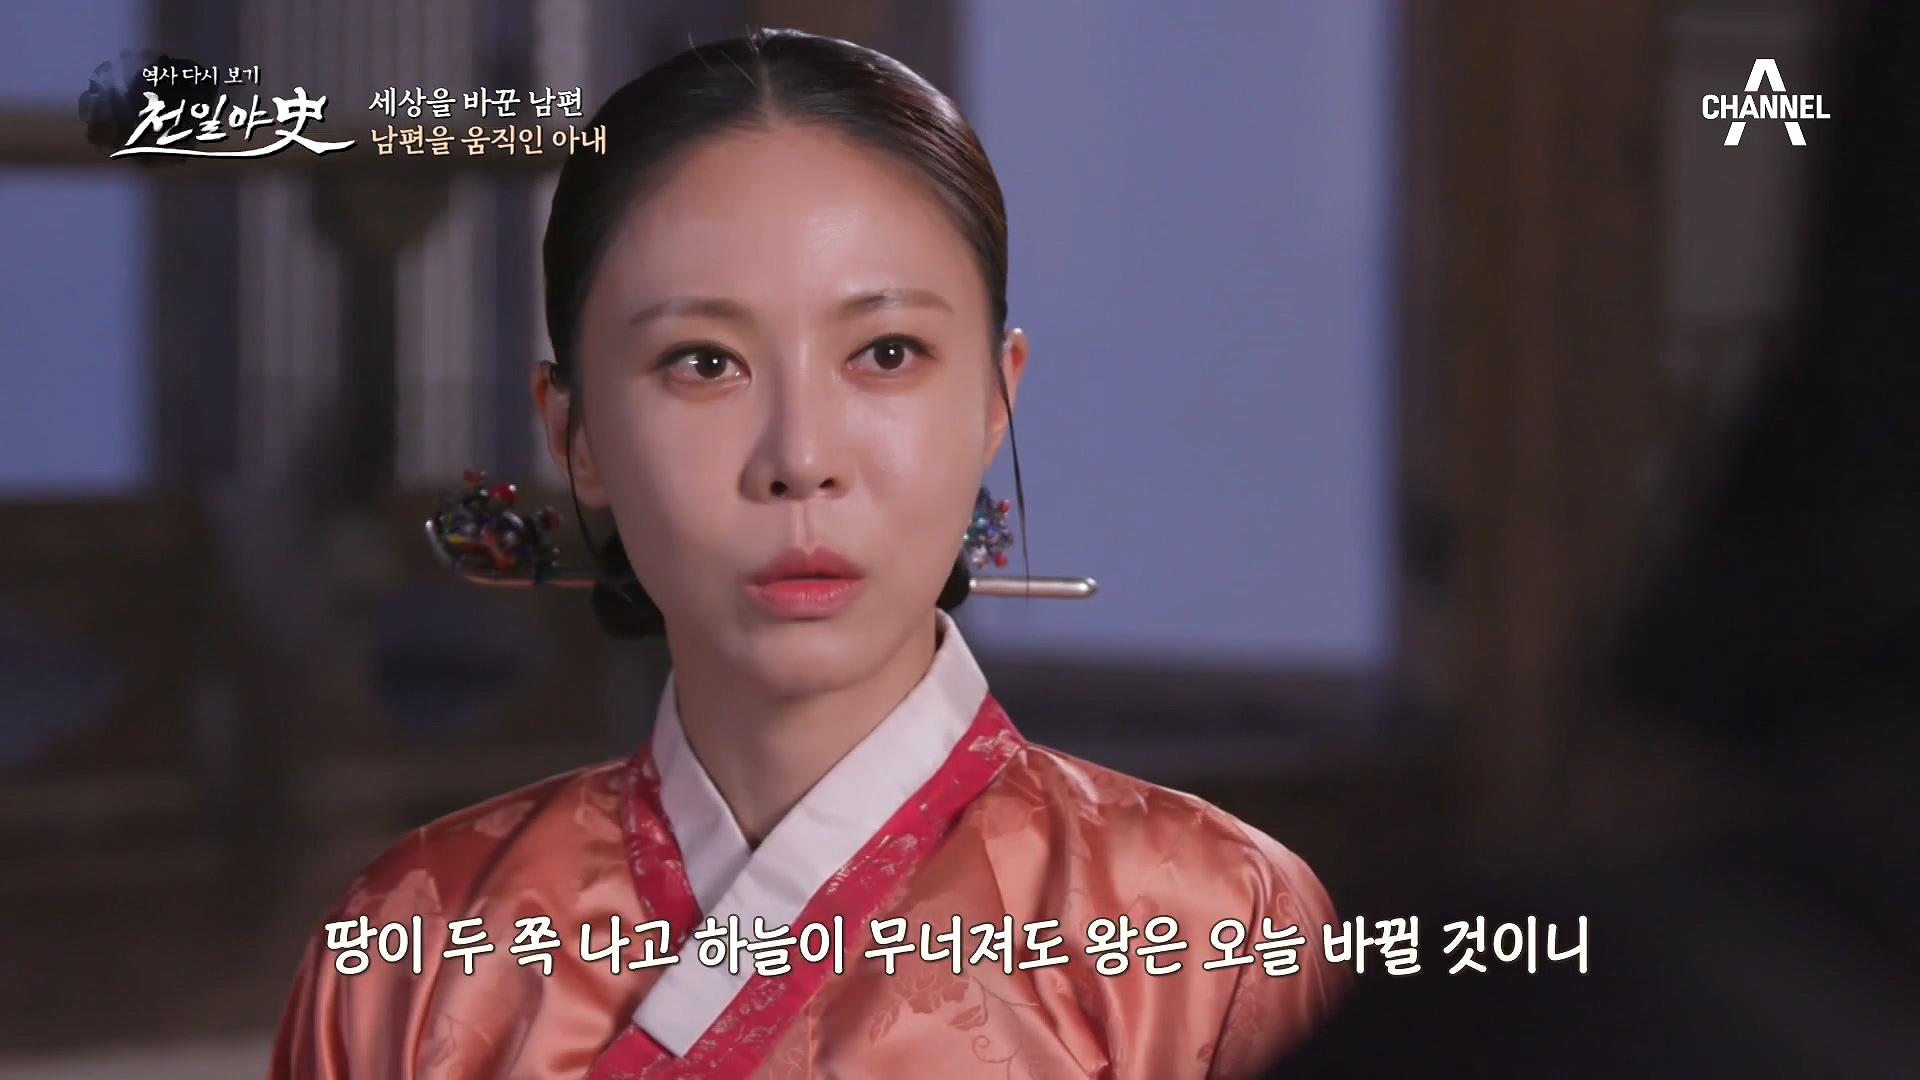 실제 역사가 된 김류 부인의 꿈, 반정을 통해 왕위에 ....